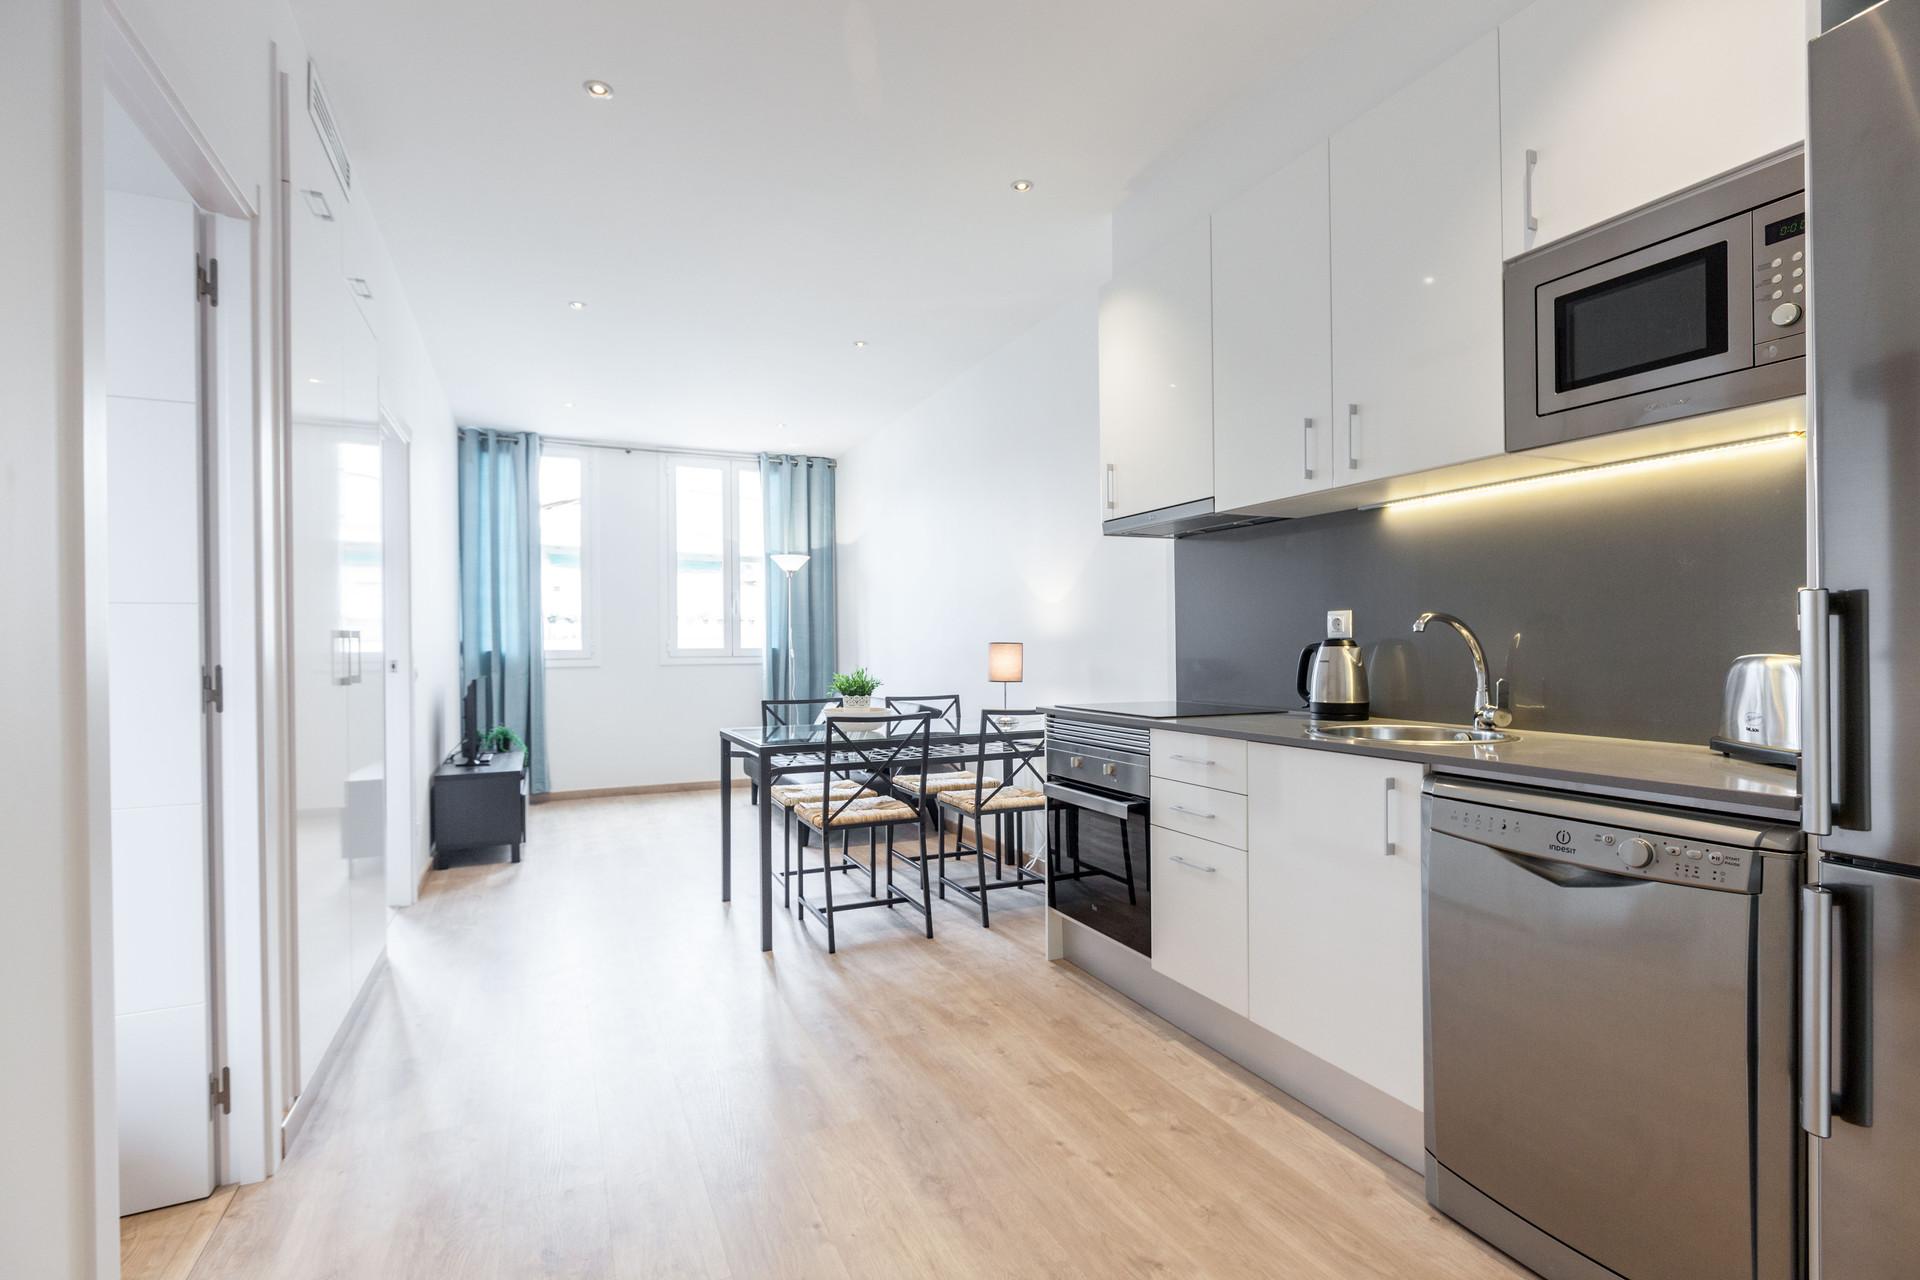 Apartamento recien reformado de 2 habitaciones cerca a plaza espa a alquiler pisos barcelona - Casas en alquiler cerca de barcelona ...